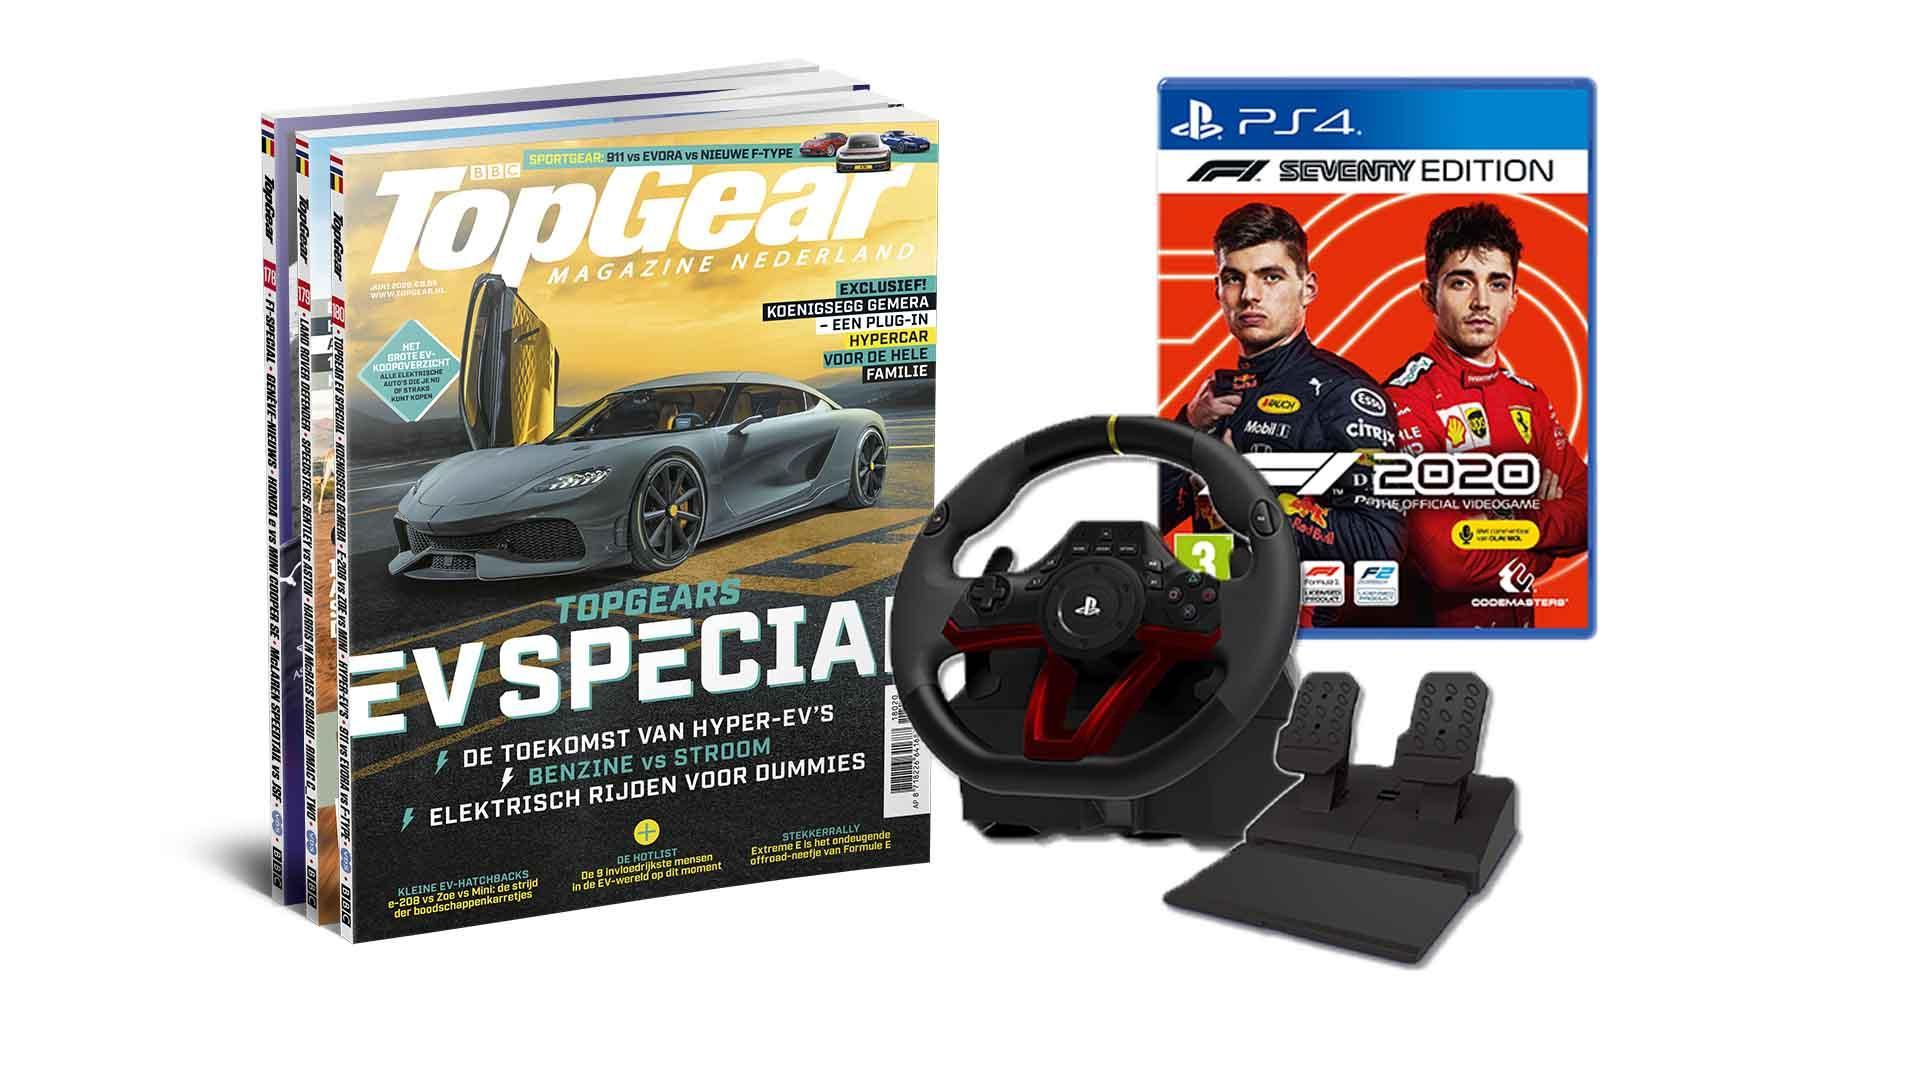 F1 2020 + Hori Wireless Racestuur + TopGear Magazine voor 119,95